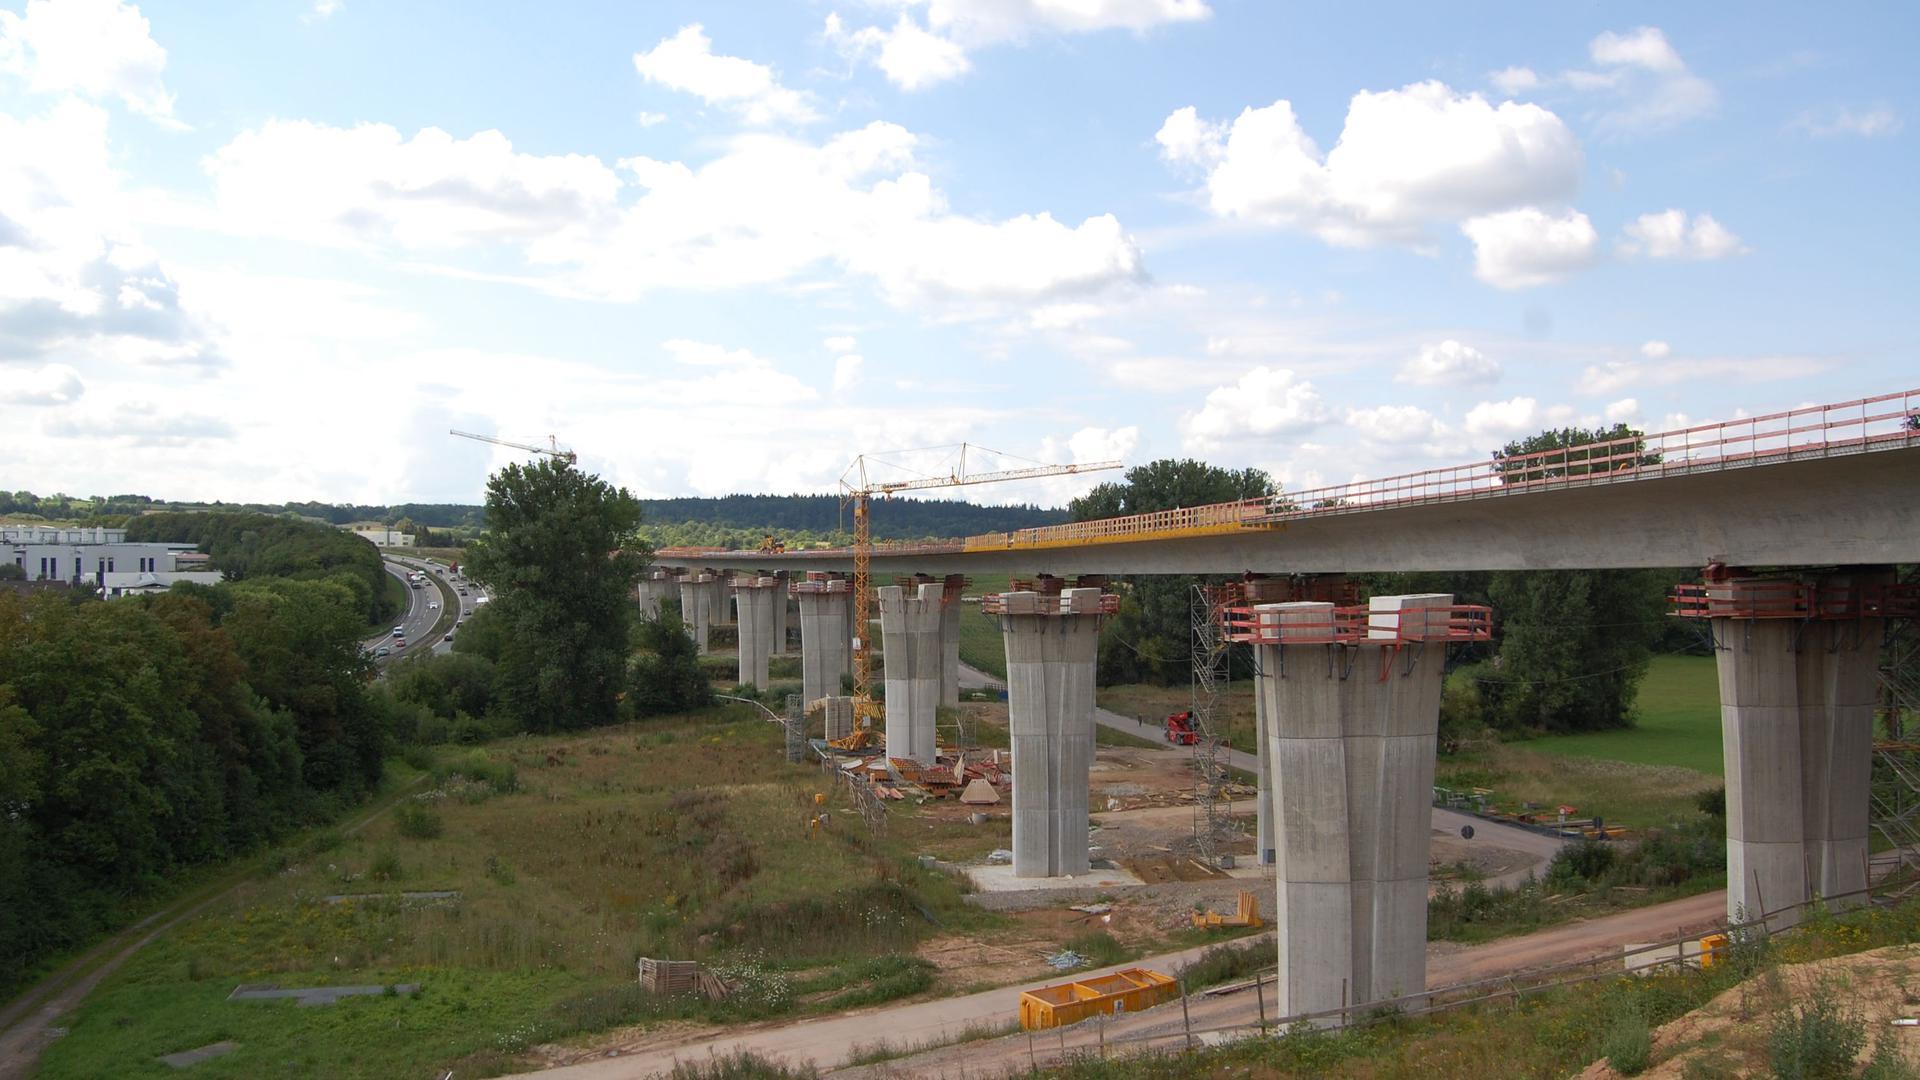 """Bau der Pfinztalbrücke im Zuge der A8: Das Bild von 2011 macht deutlich, wo die neue Autobahntrasse laufen wird, und zeigt links noch die Situation mit dem """"Nöttinger Hang""""."""